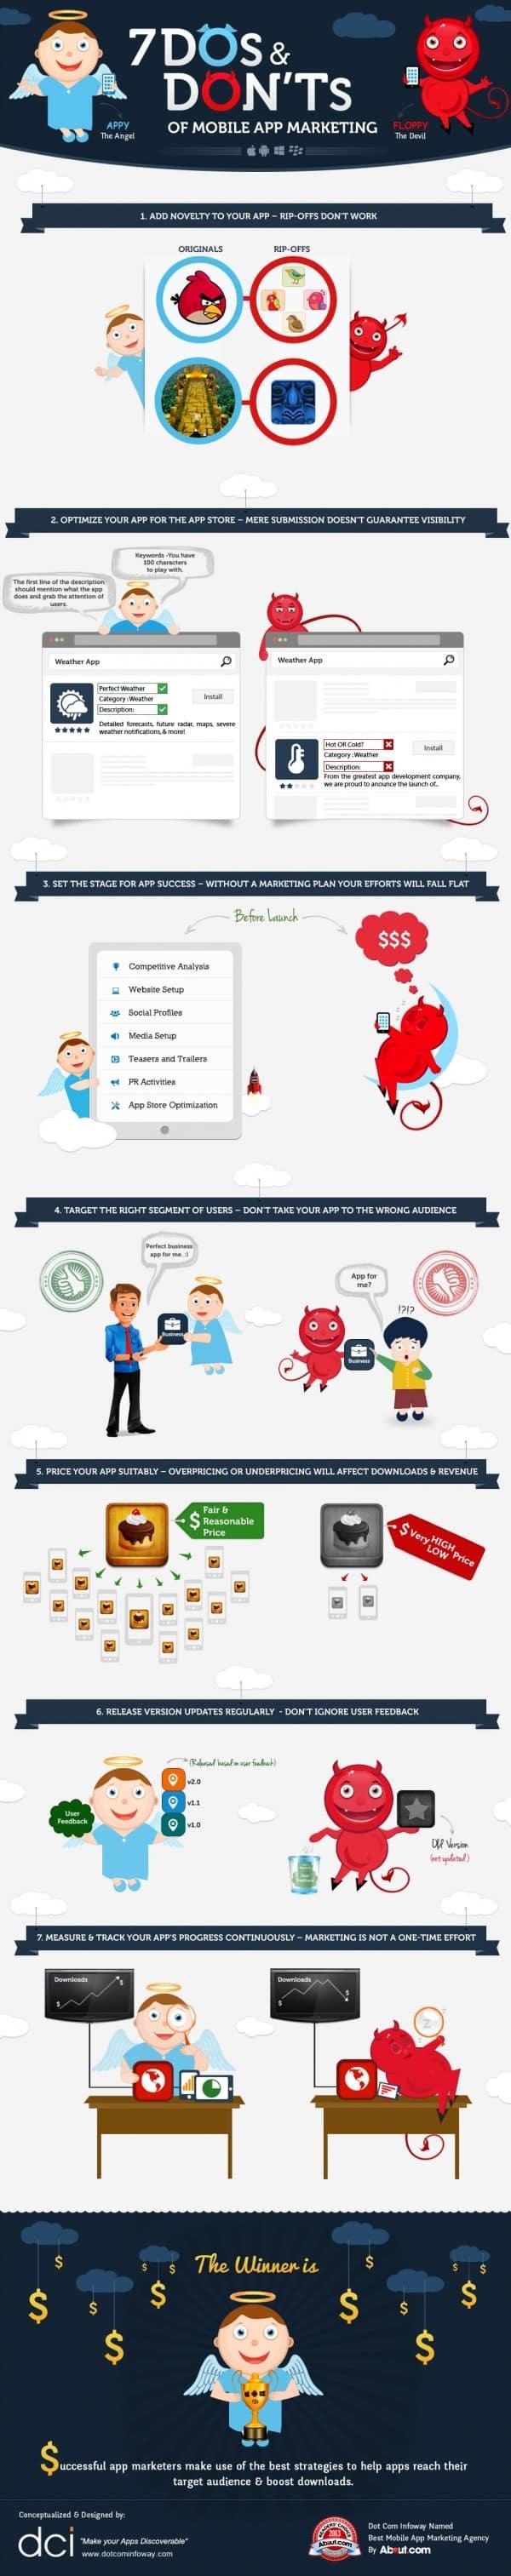 7 consejos sobre qué hacer y qué no hacer en marketing móvil de Apps #infografía